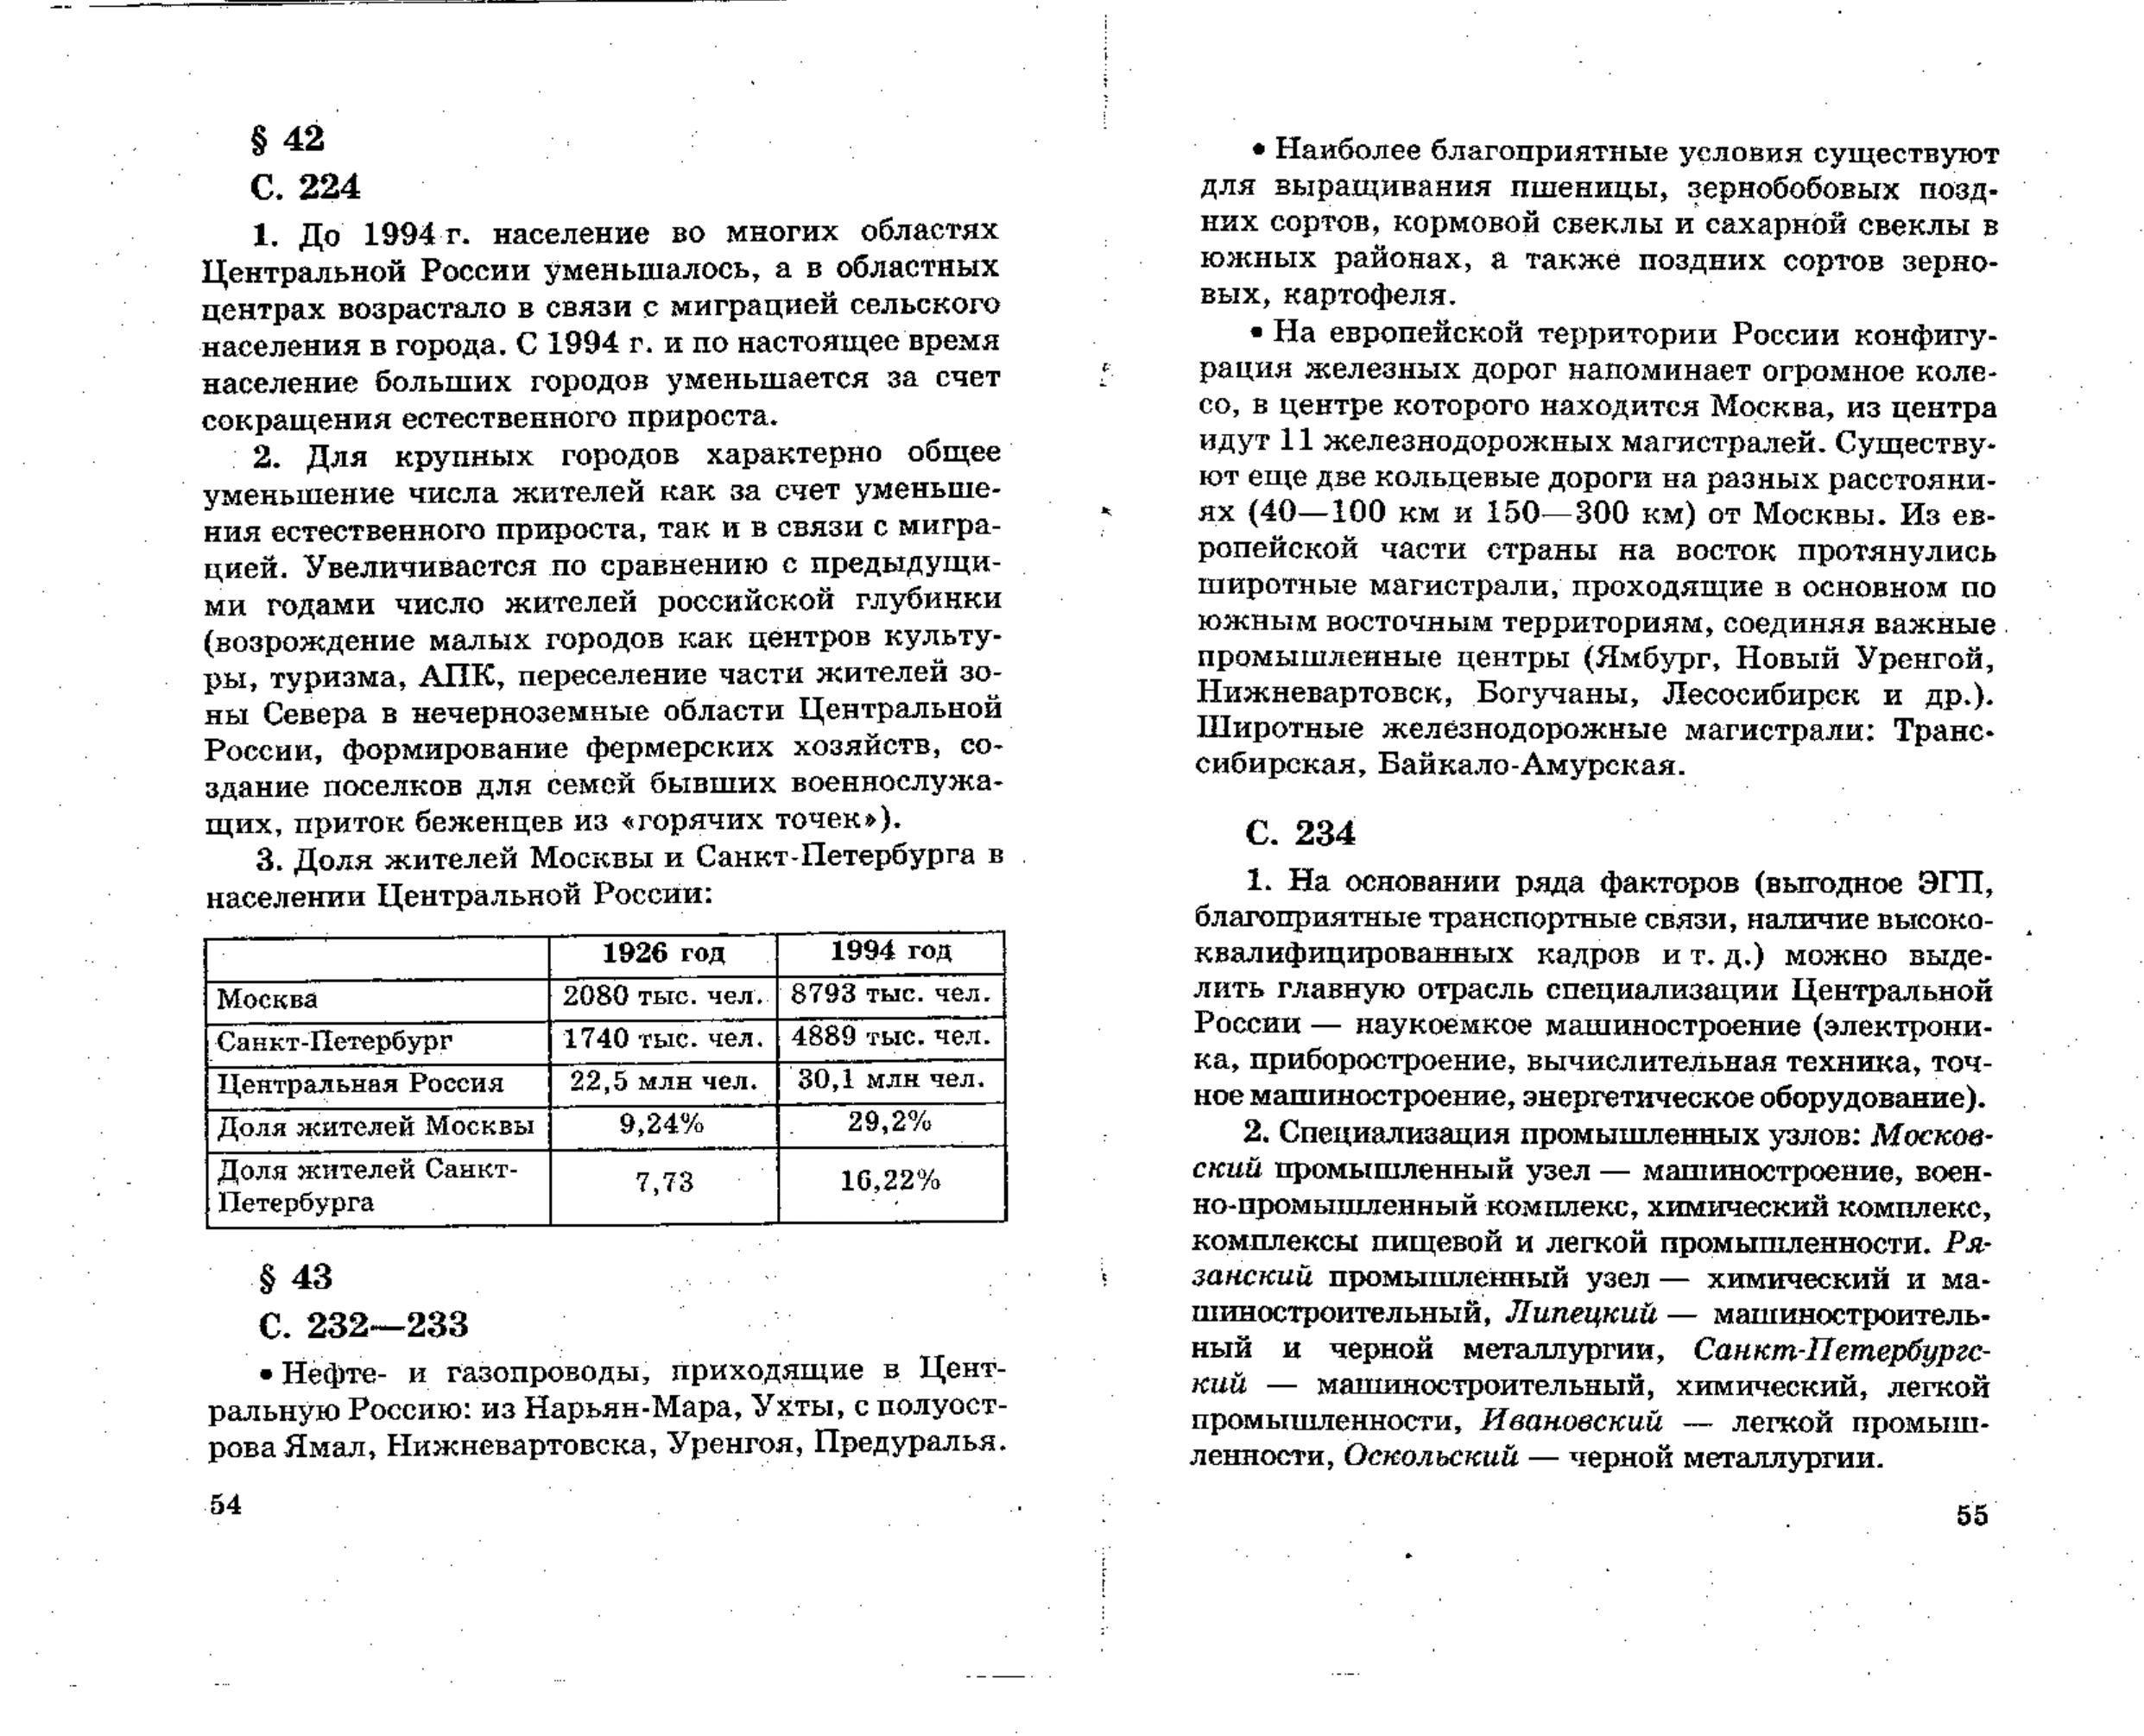 Гдз по математике 3 класс часть 1 чеботаревская дрозд столяр без смс